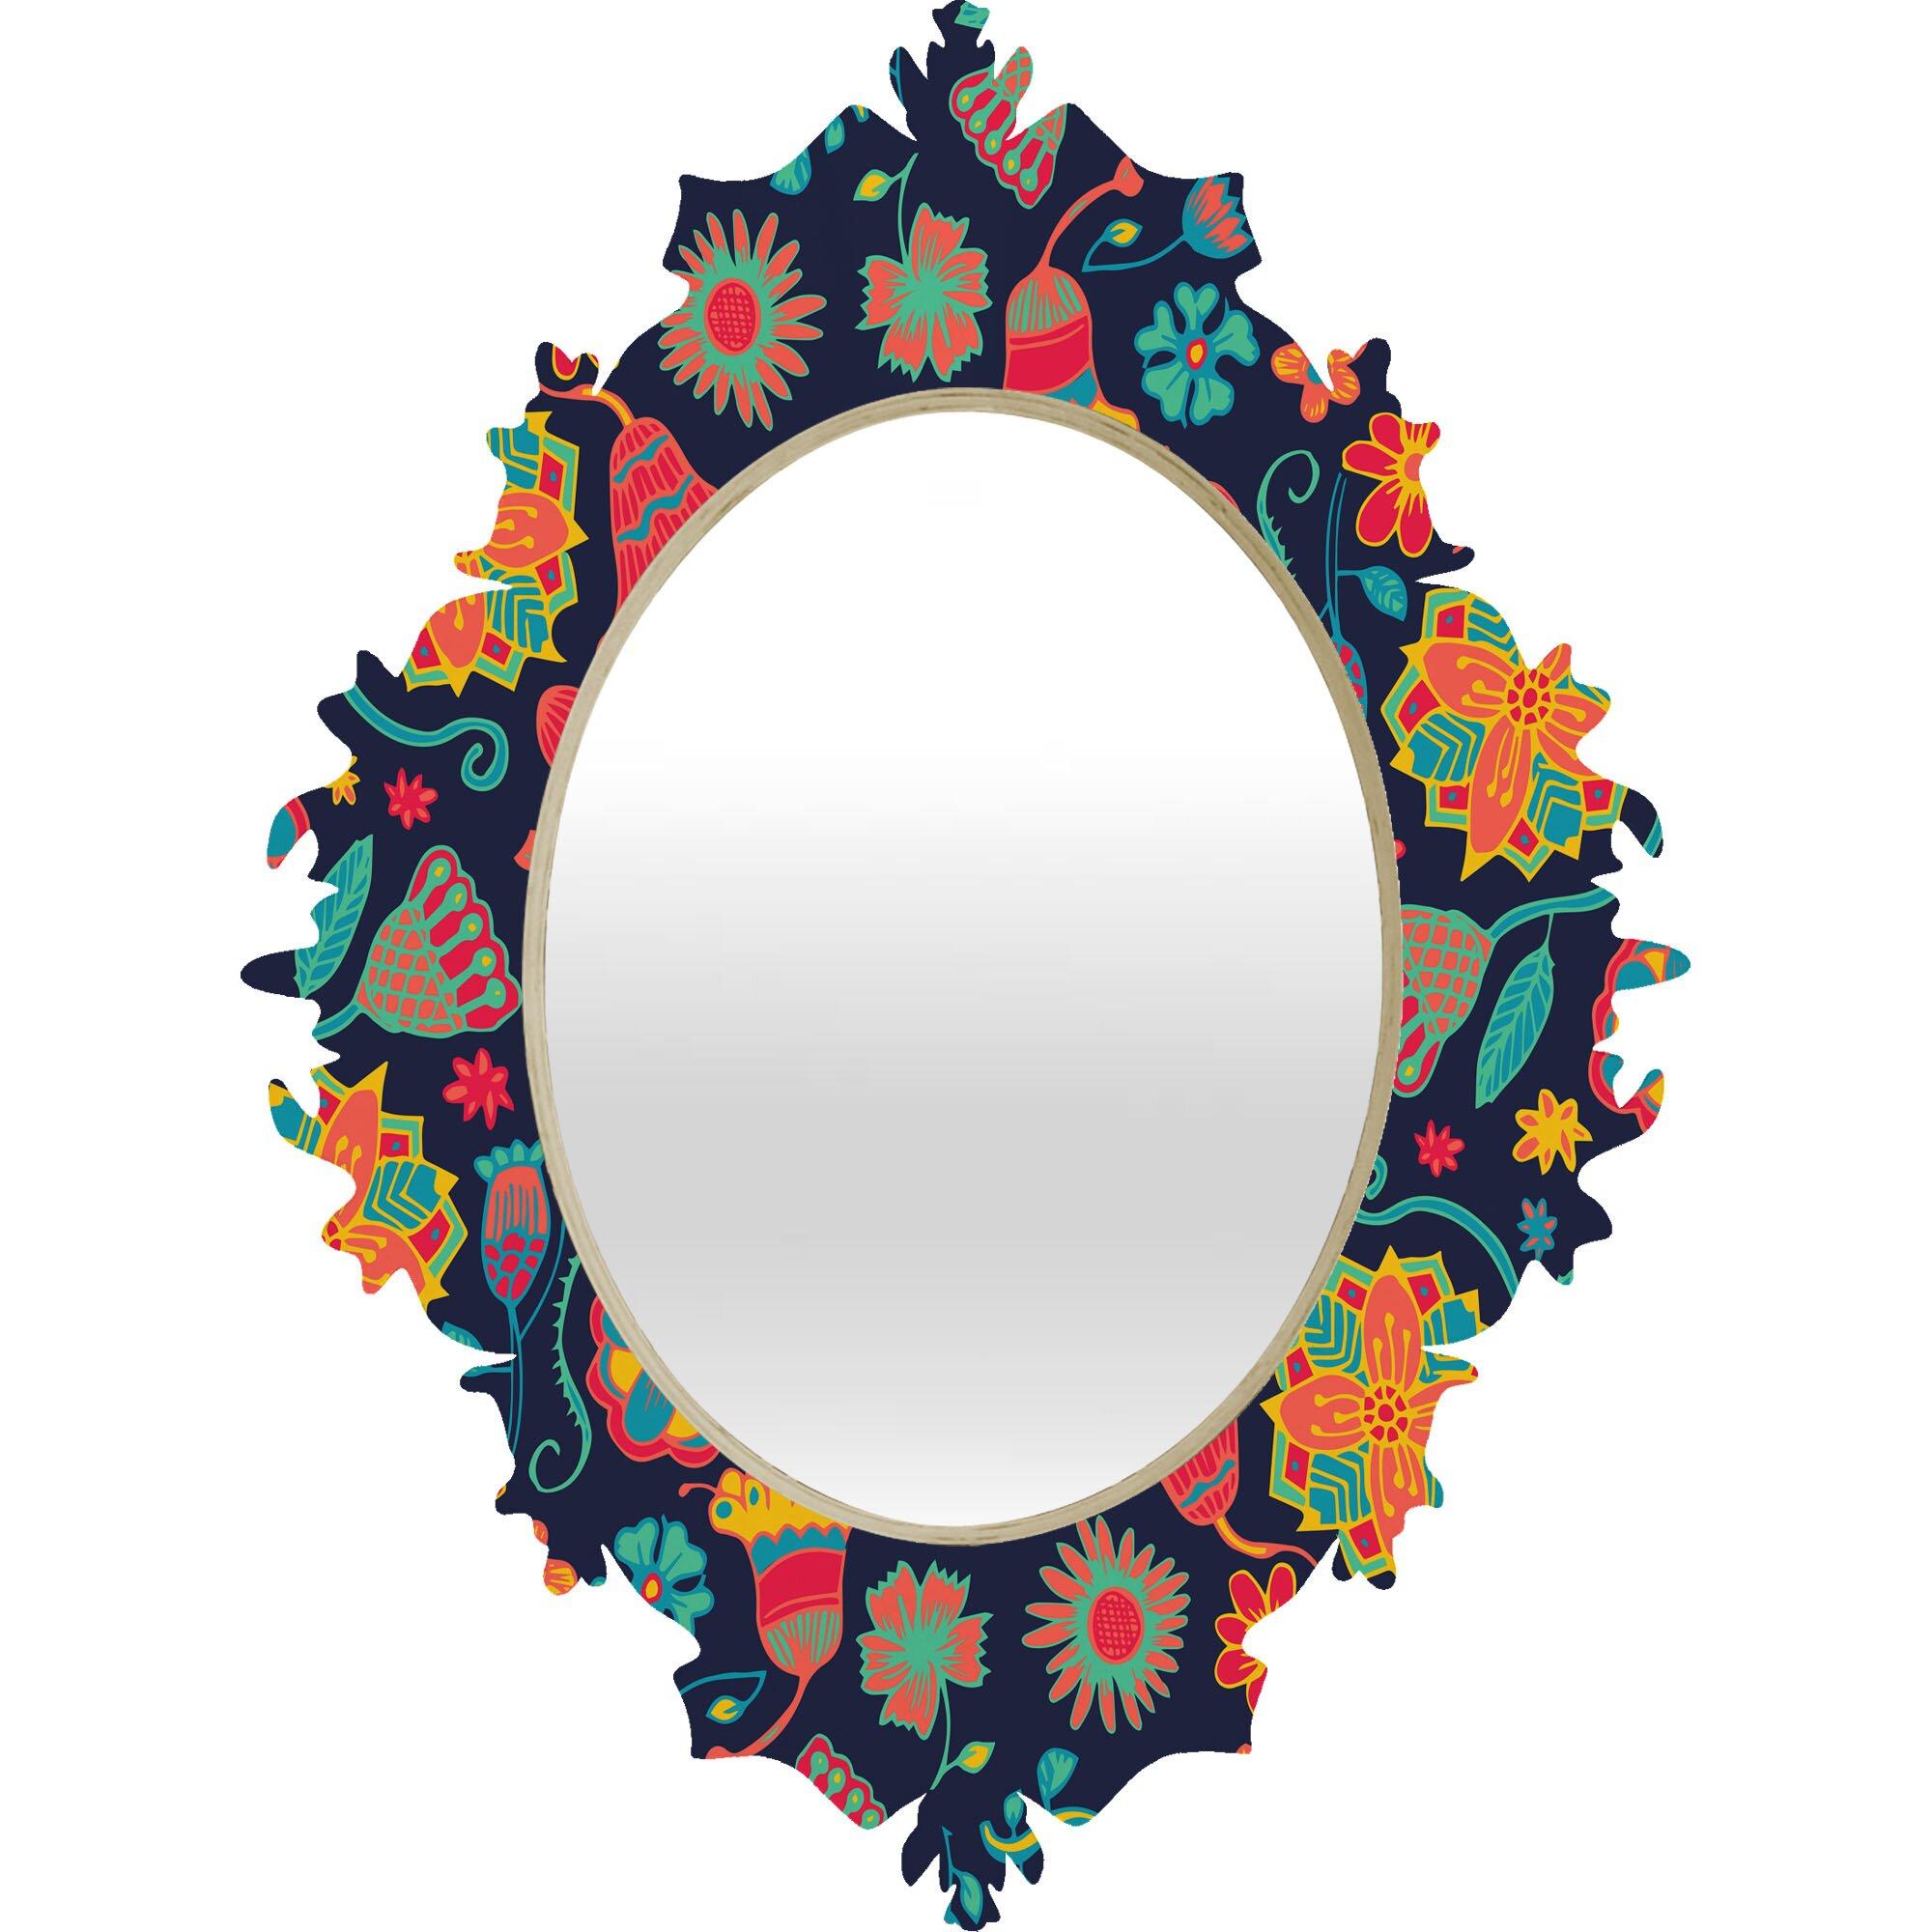 Deny designs arcturus bloom 1 baroque mirror reviews for Baroque mirror canada